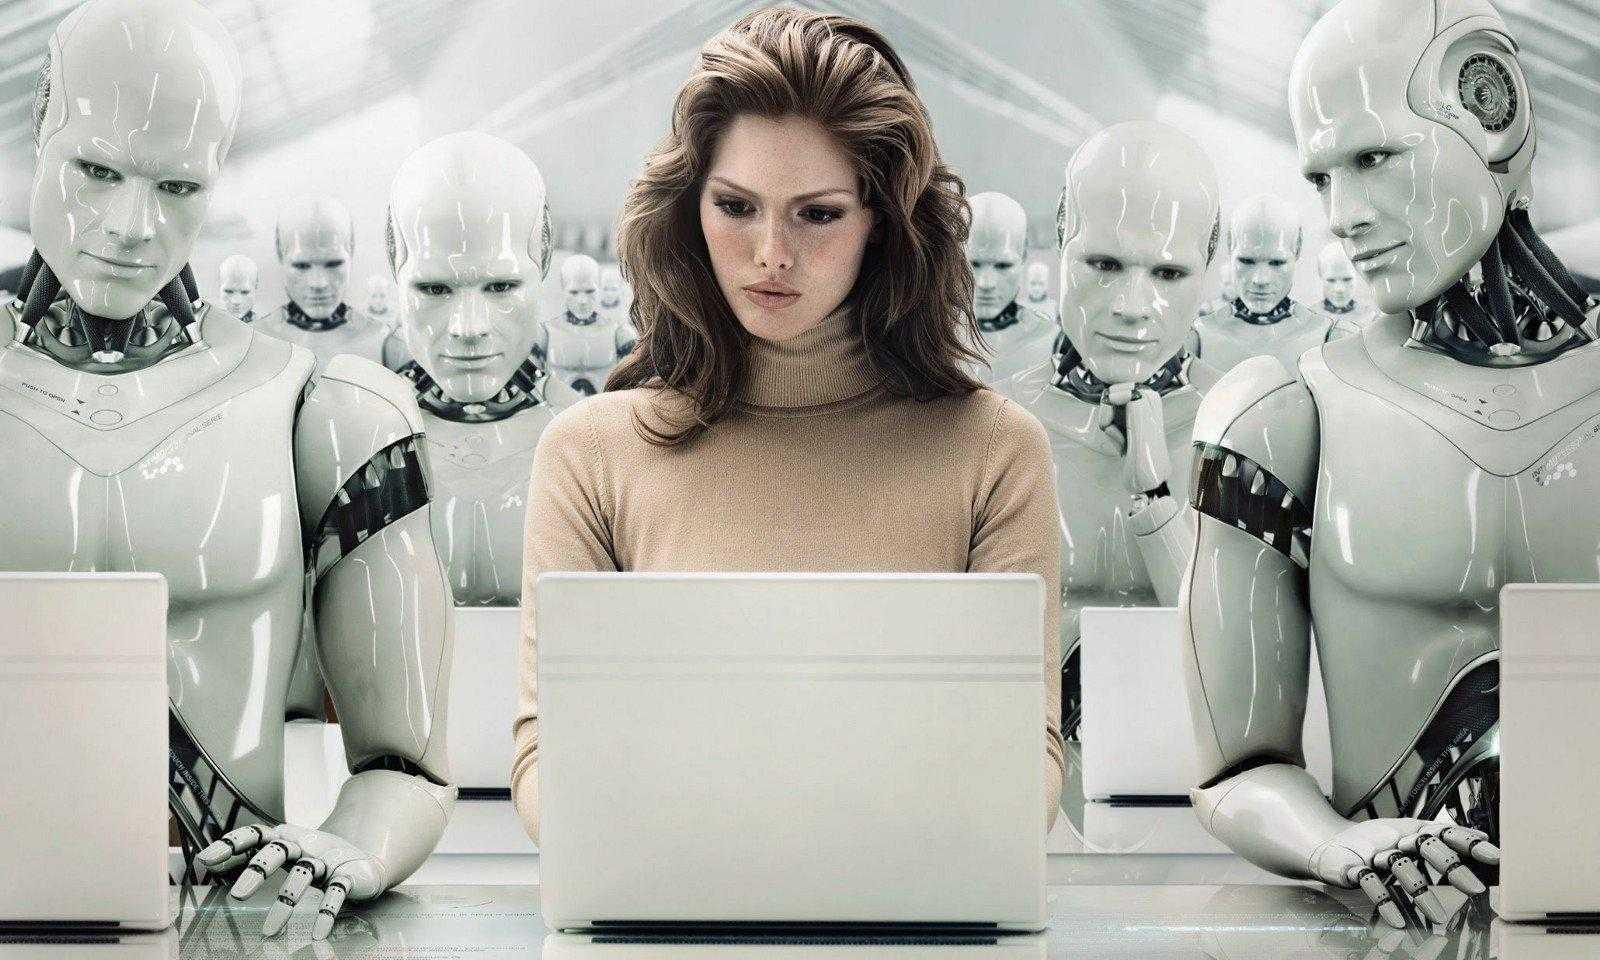 L'impatto dell'intelligenza artificiale nel fashion, oggi e nel prossimo futuro